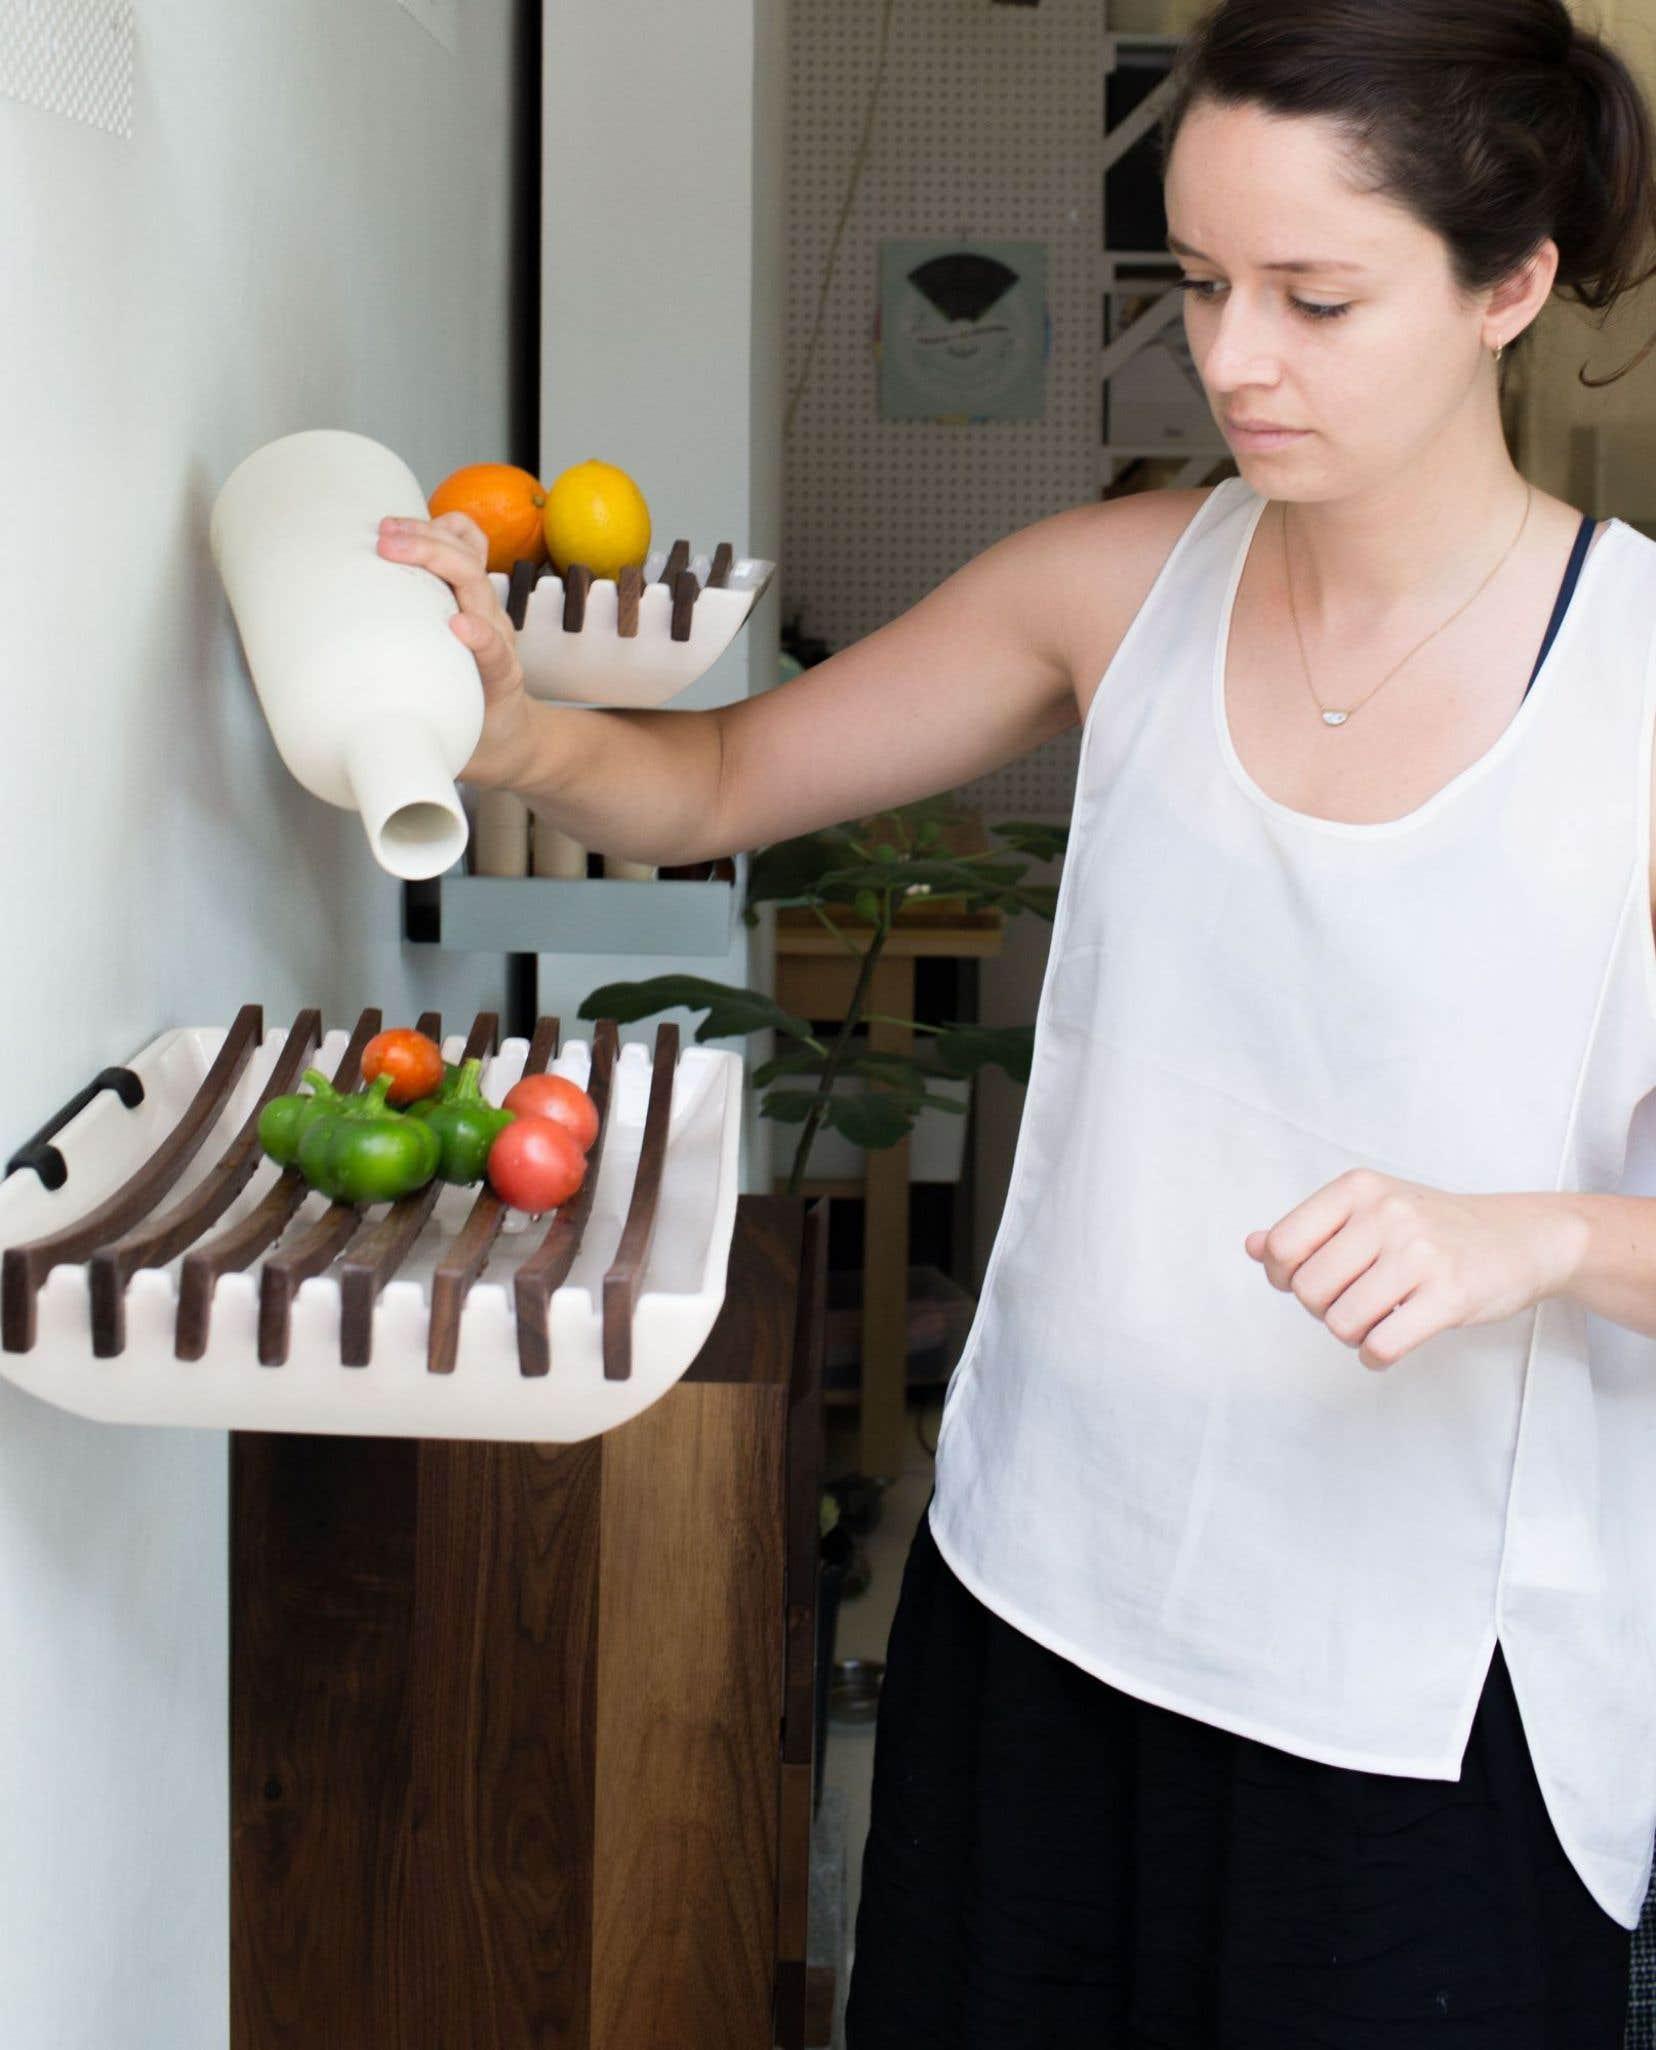 Élyse Leclerc, cofondatrice de l'entreprise Jarre, devant La Denise-eau, un des trois compartiments modulables conçus chacun pour conserver un certain type d'aliments à l'extérieur du réfrigérateur.